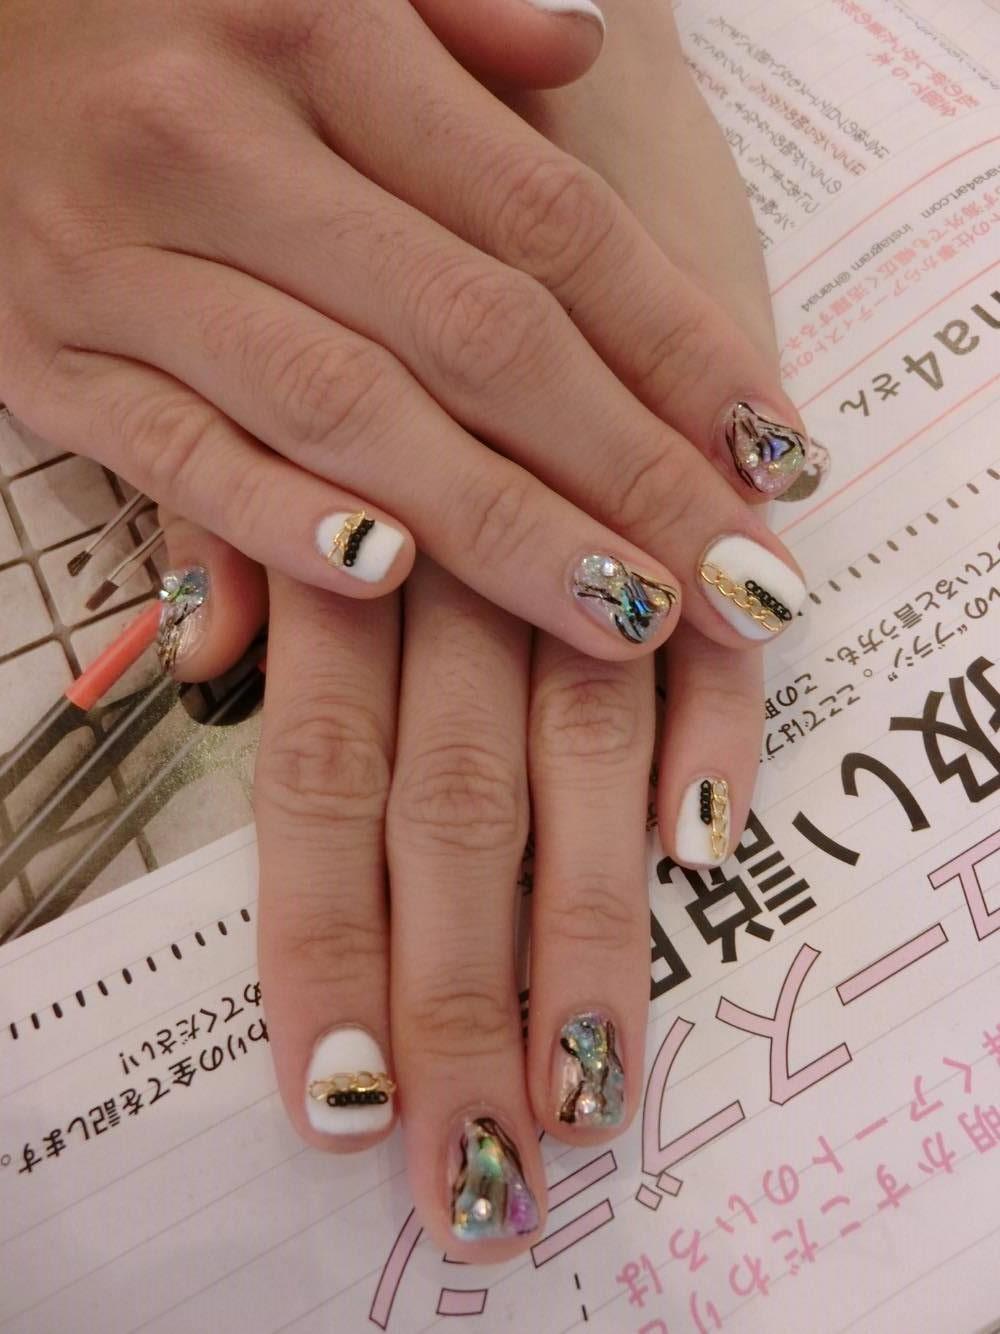 【高雄美甲評價】這次到高雄的美甲店幫手美容一下,感謝朋友推薦評價很高的高雄光療指甲,超多流行的指甲款式介紹,美美的法式美甲分享